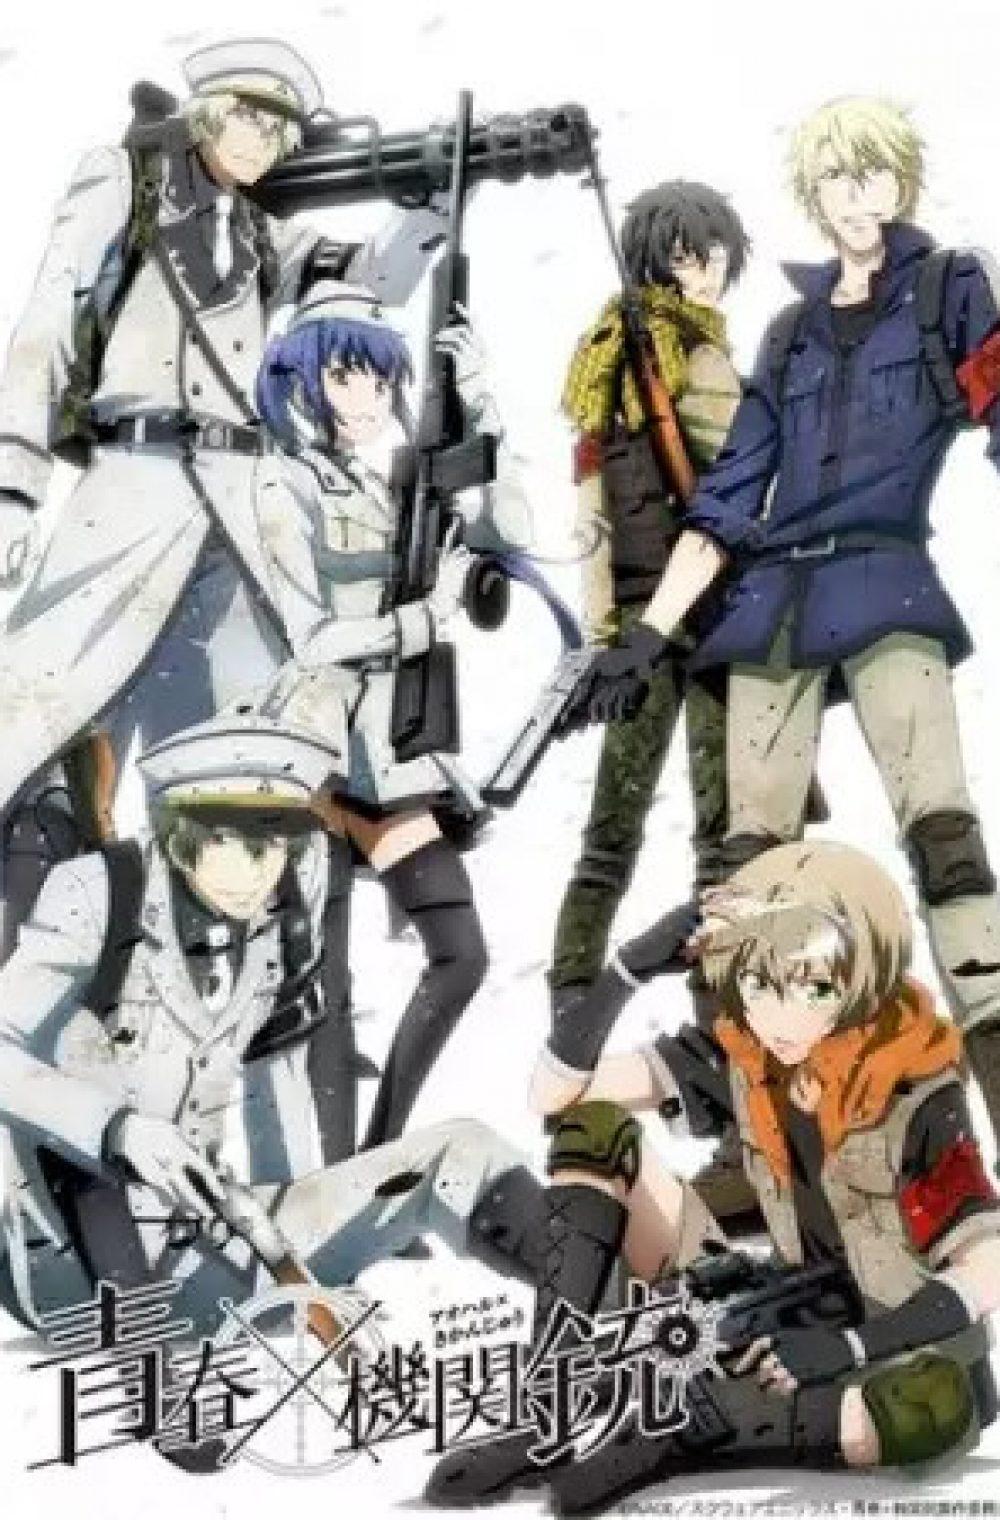 Aoharu x Machinegun (Bluray Ver.) + OVA